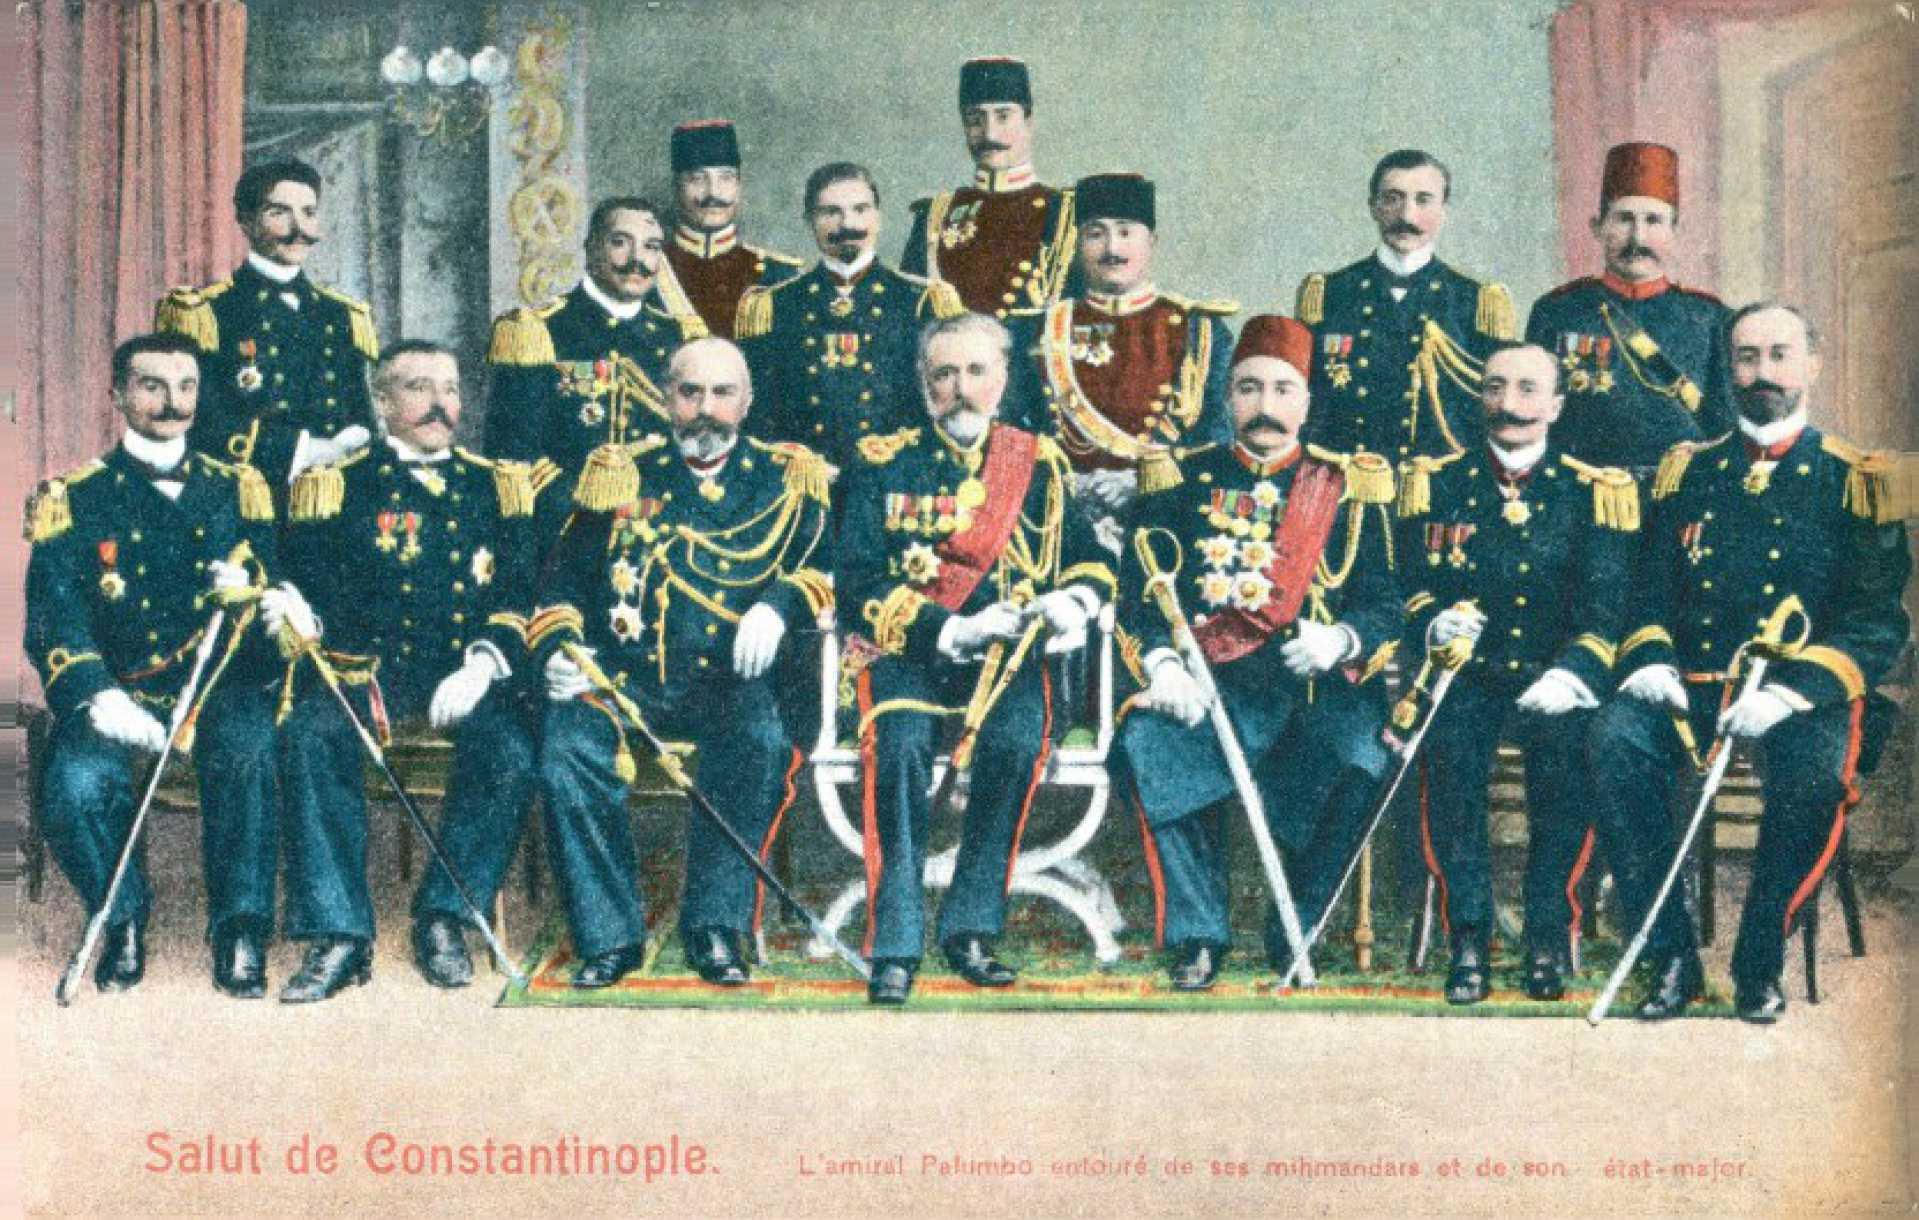 L'amiral Palumbo entoure de ses mihmandars et de son etat-major